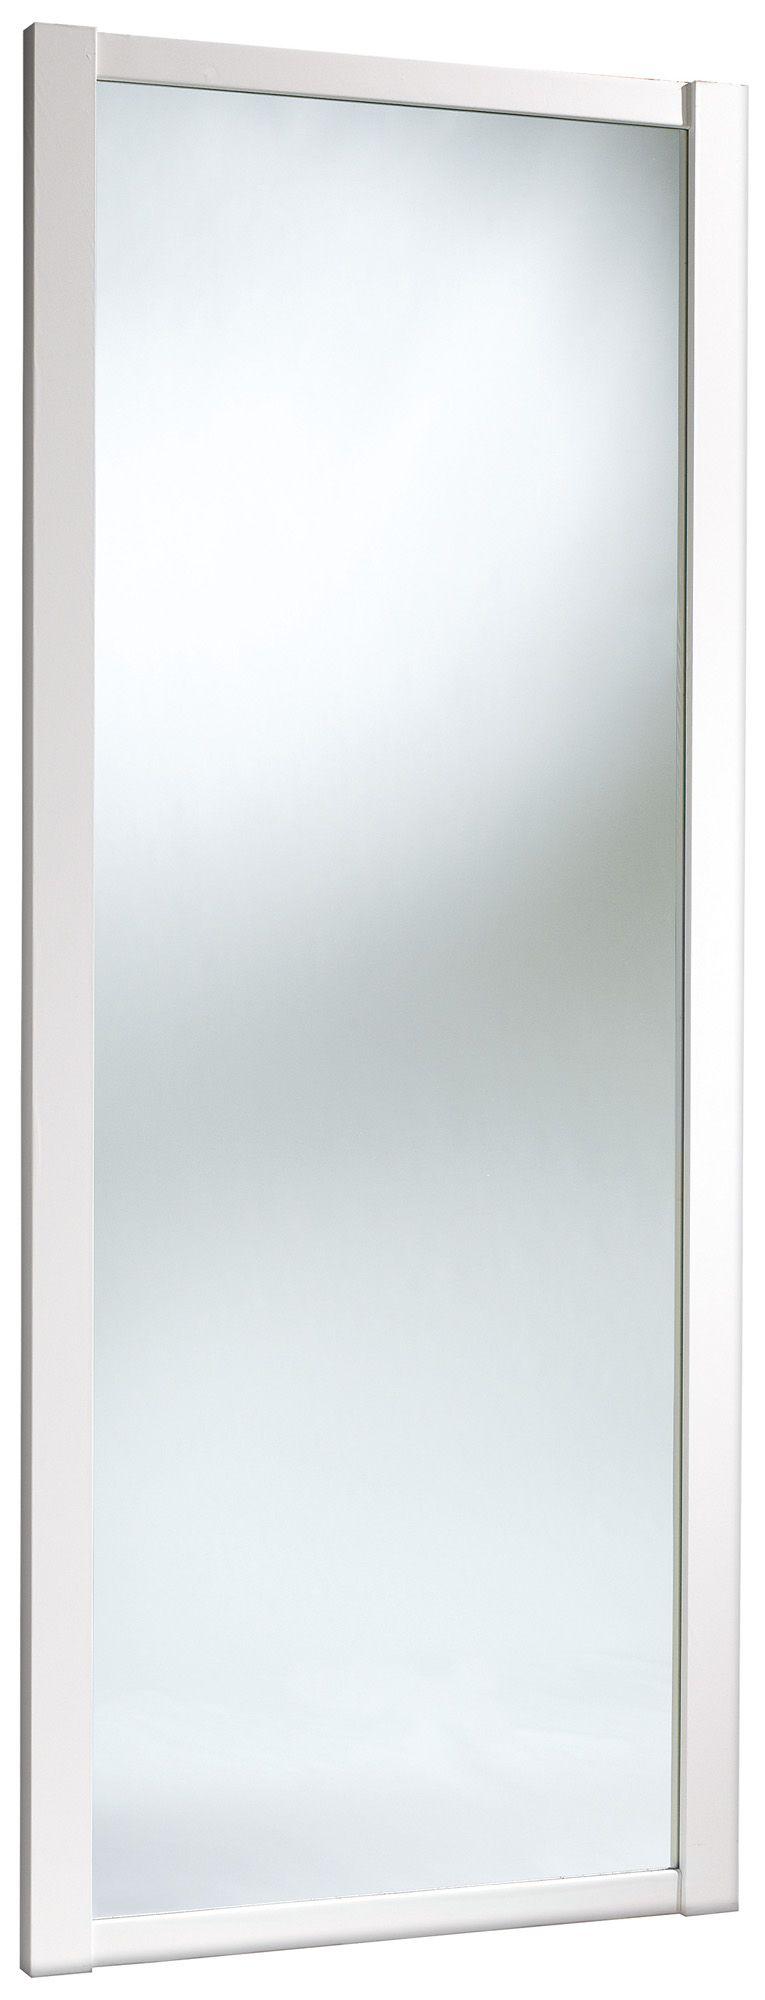 Shaker Full Length Mirror White Mirror Effect Sliding Wardrobe Door (h)2220 Mm (w)914 Mm